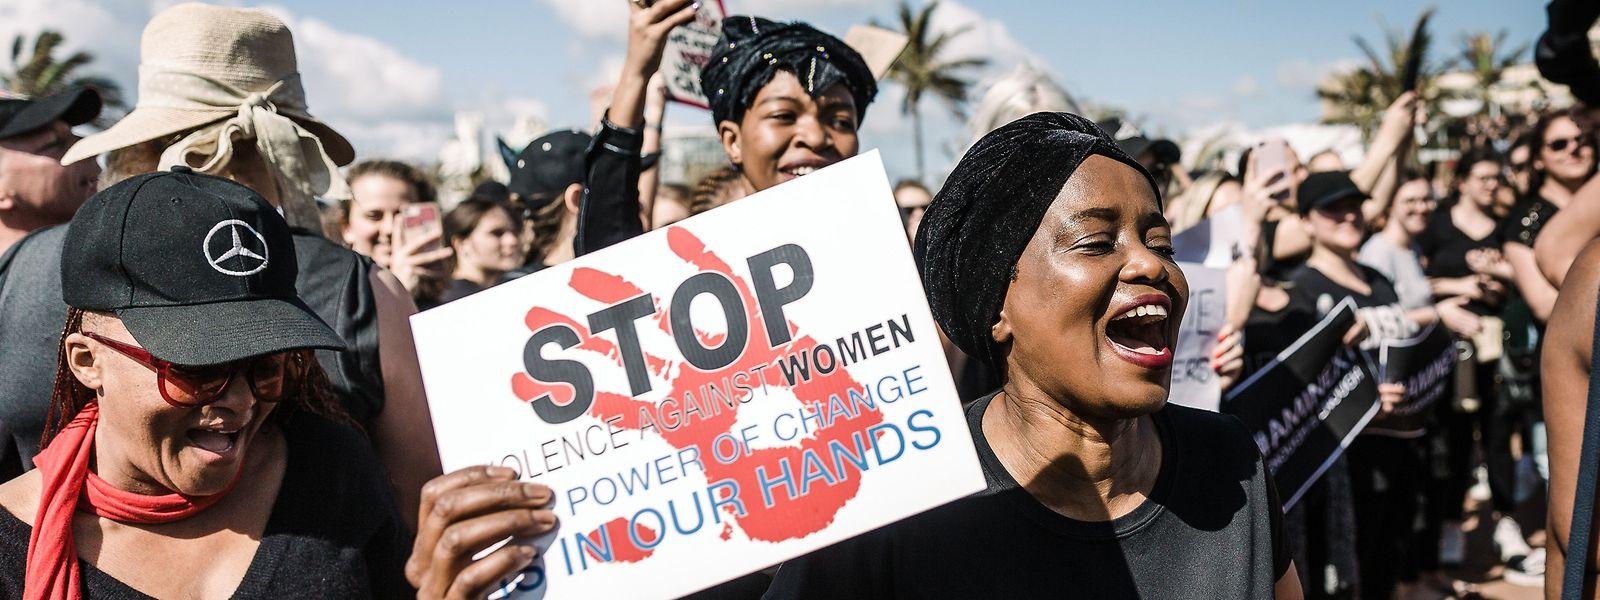 40.000 Vergewaltigungen werden in Südafrika pro Jahr angezeigt - die Dunkelzieffer dürfte deutlich höher liegen.